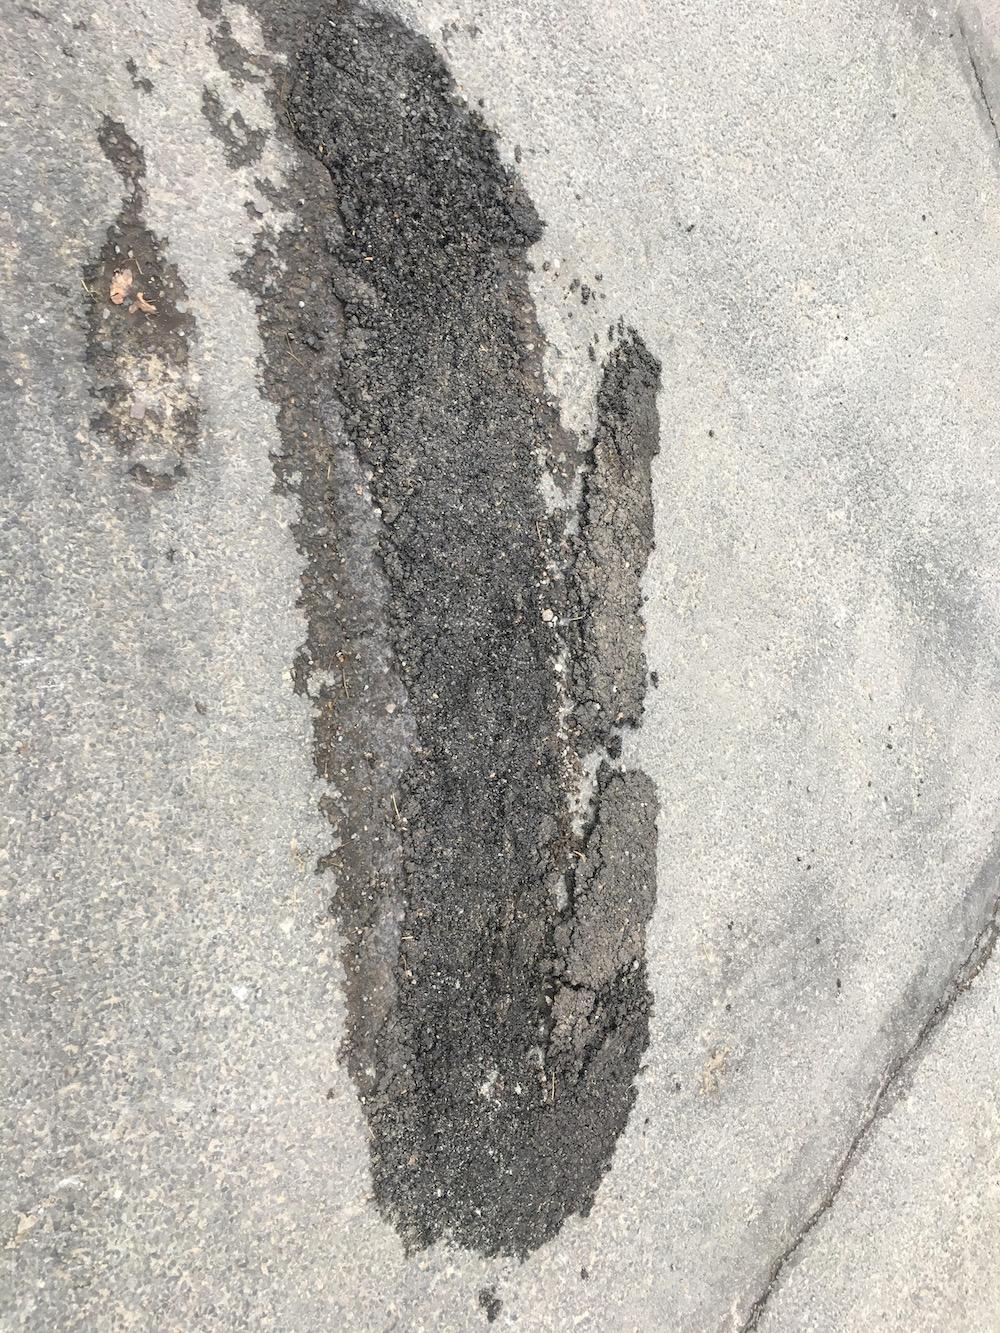 oaklea-way-pothole